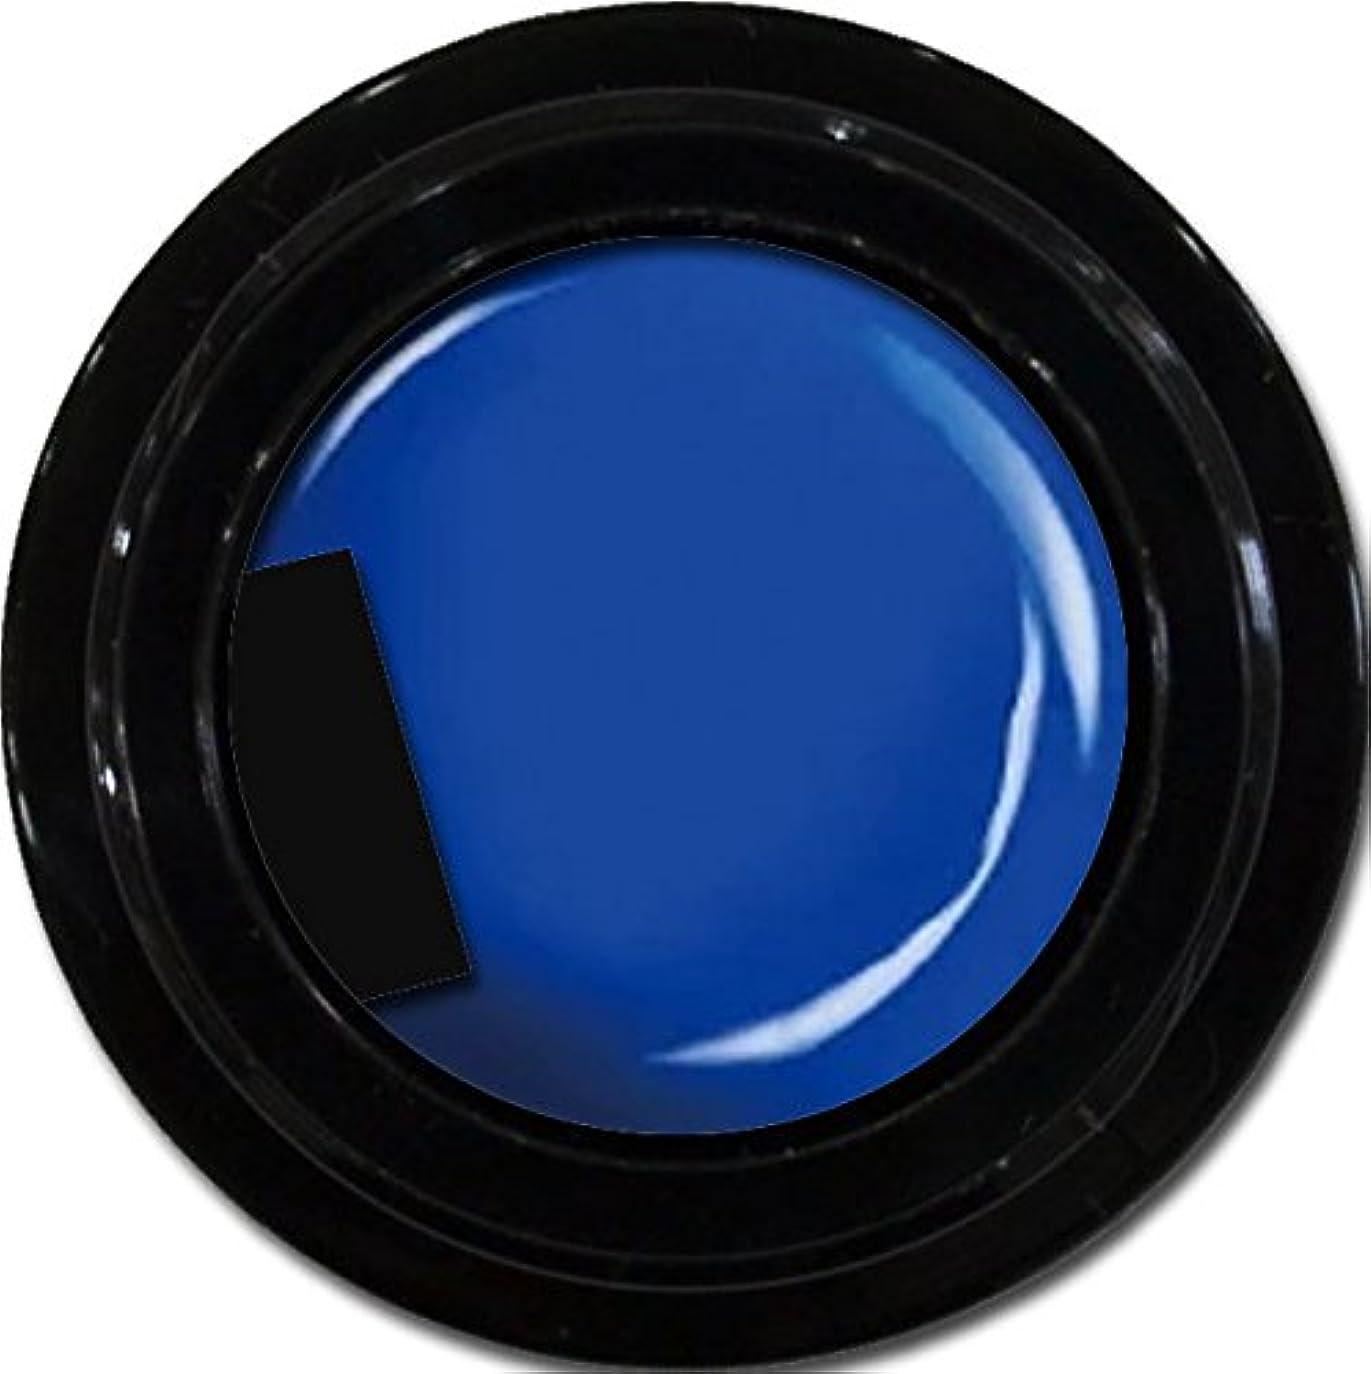 半径バリー特徴づけるカラージェル enchant color gel M708 UltraMarine 3g/ マットカラージェル M708 ウルトラマリン 3グラム